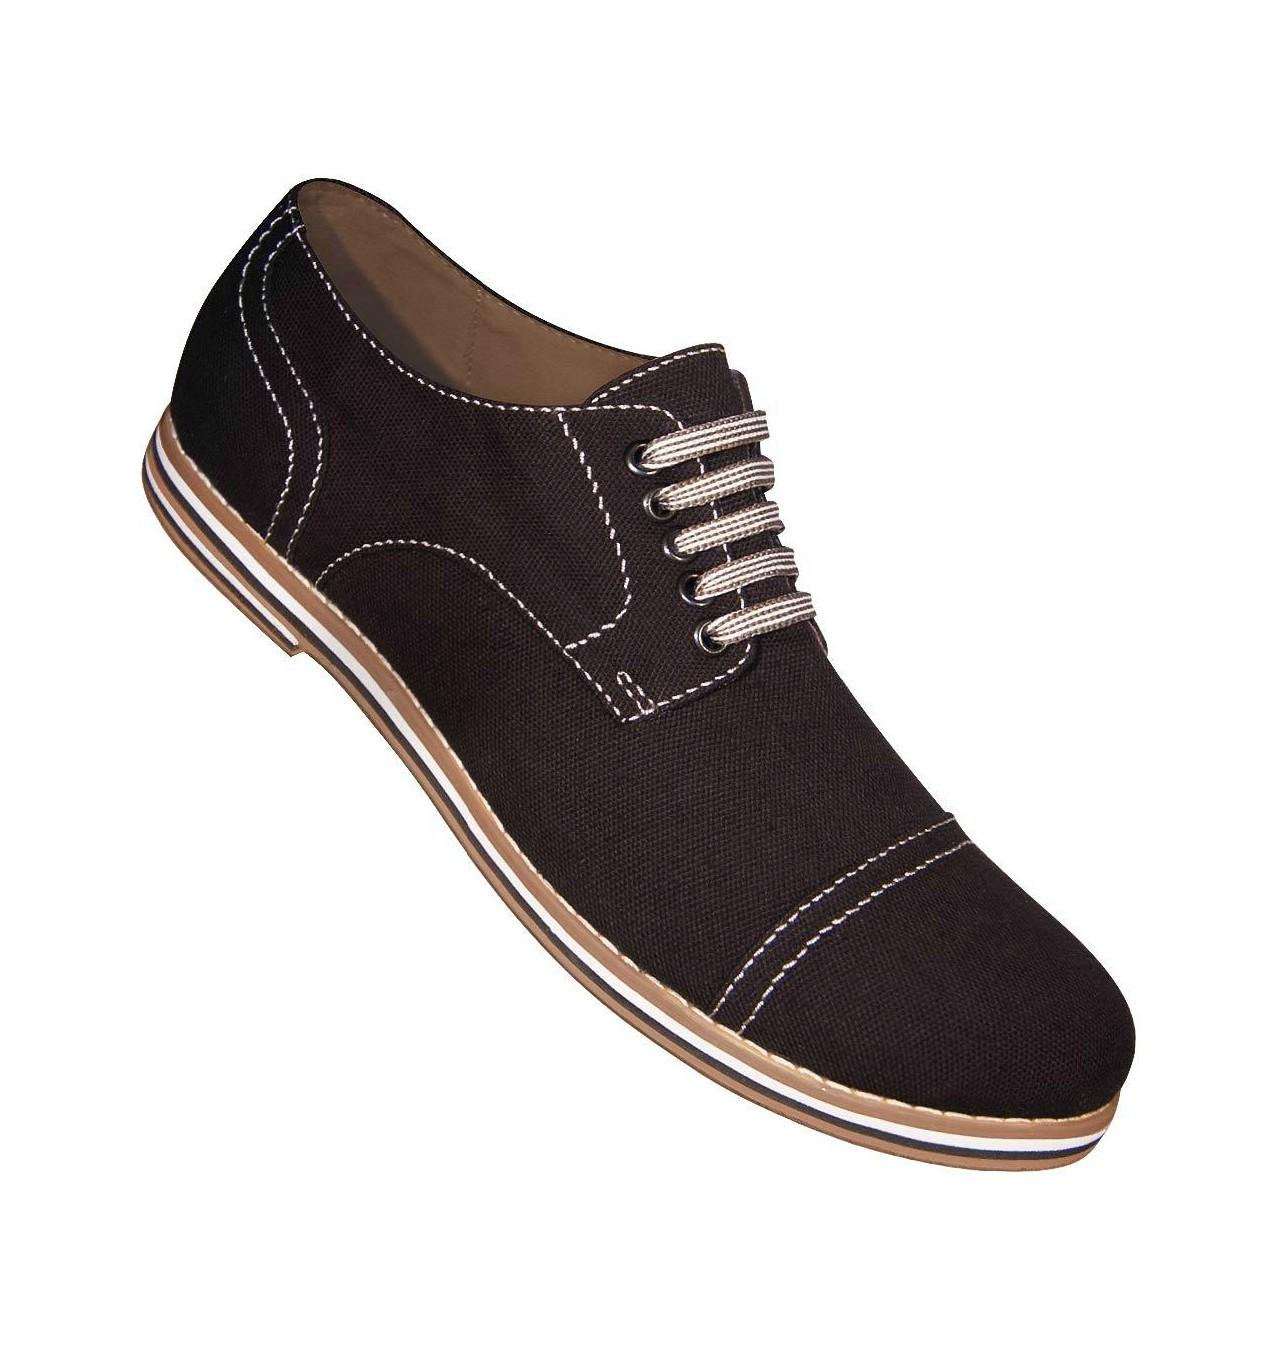 Aris Allen Canvas Captoe Dance Shoes (Men´s) Black